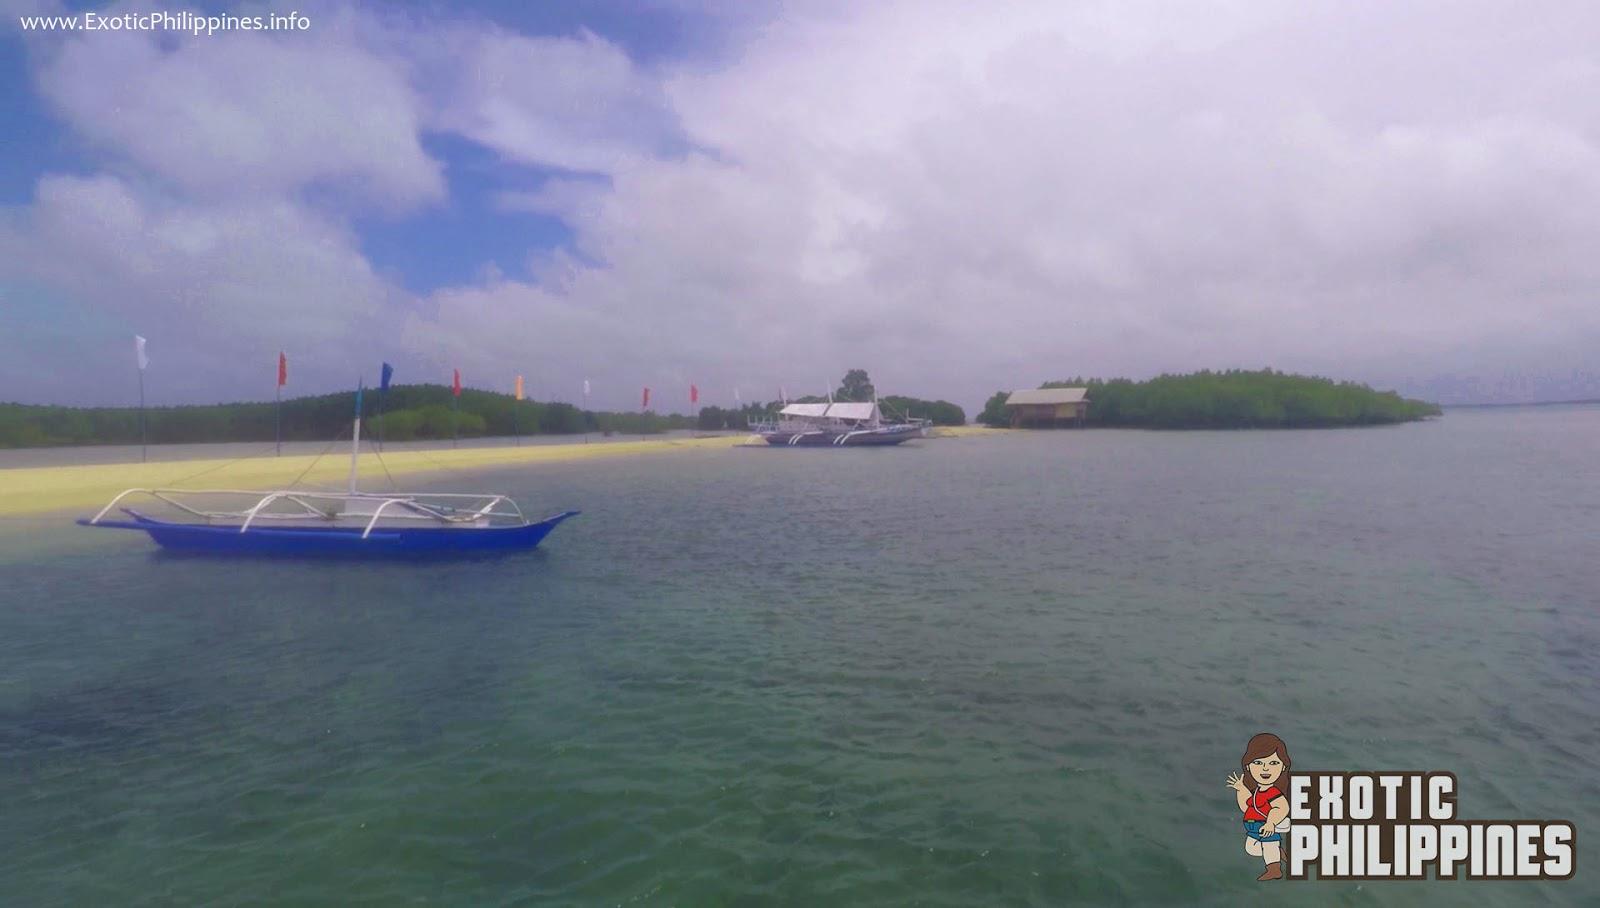 LuLi Island – The Sinking Island G Dumaguing Cebu Vlog Vlogger Exotic Philippines Blog Blogger Puerto Princesa Palawan